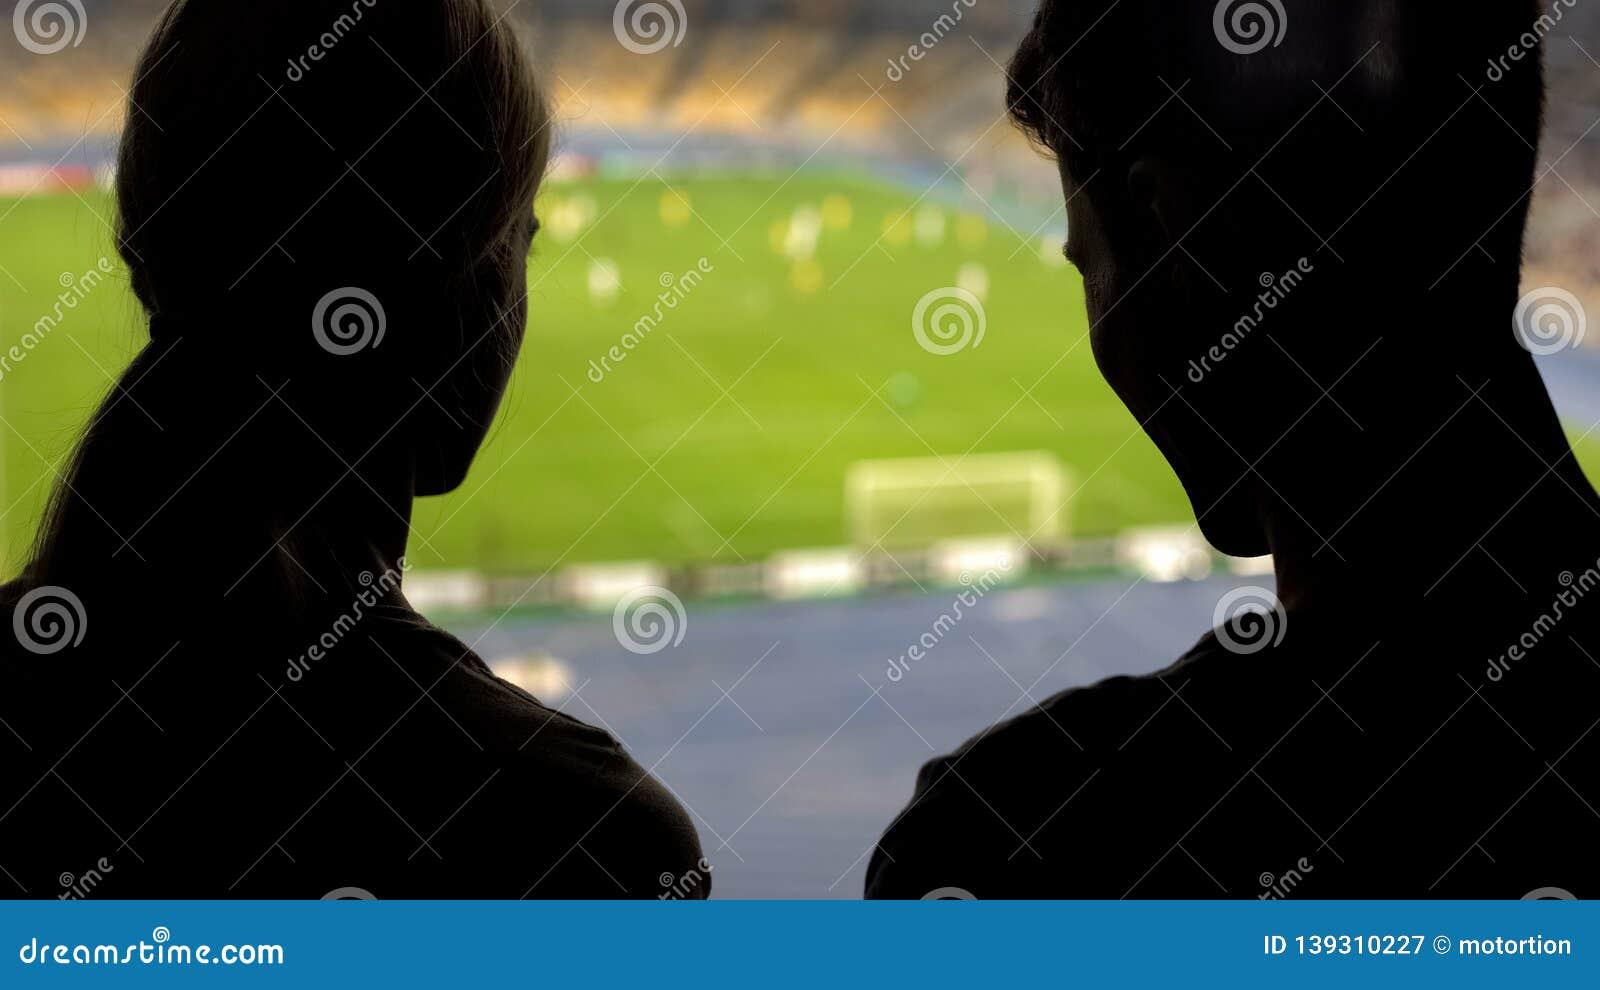 dating for fotball fans grense på karbondatering